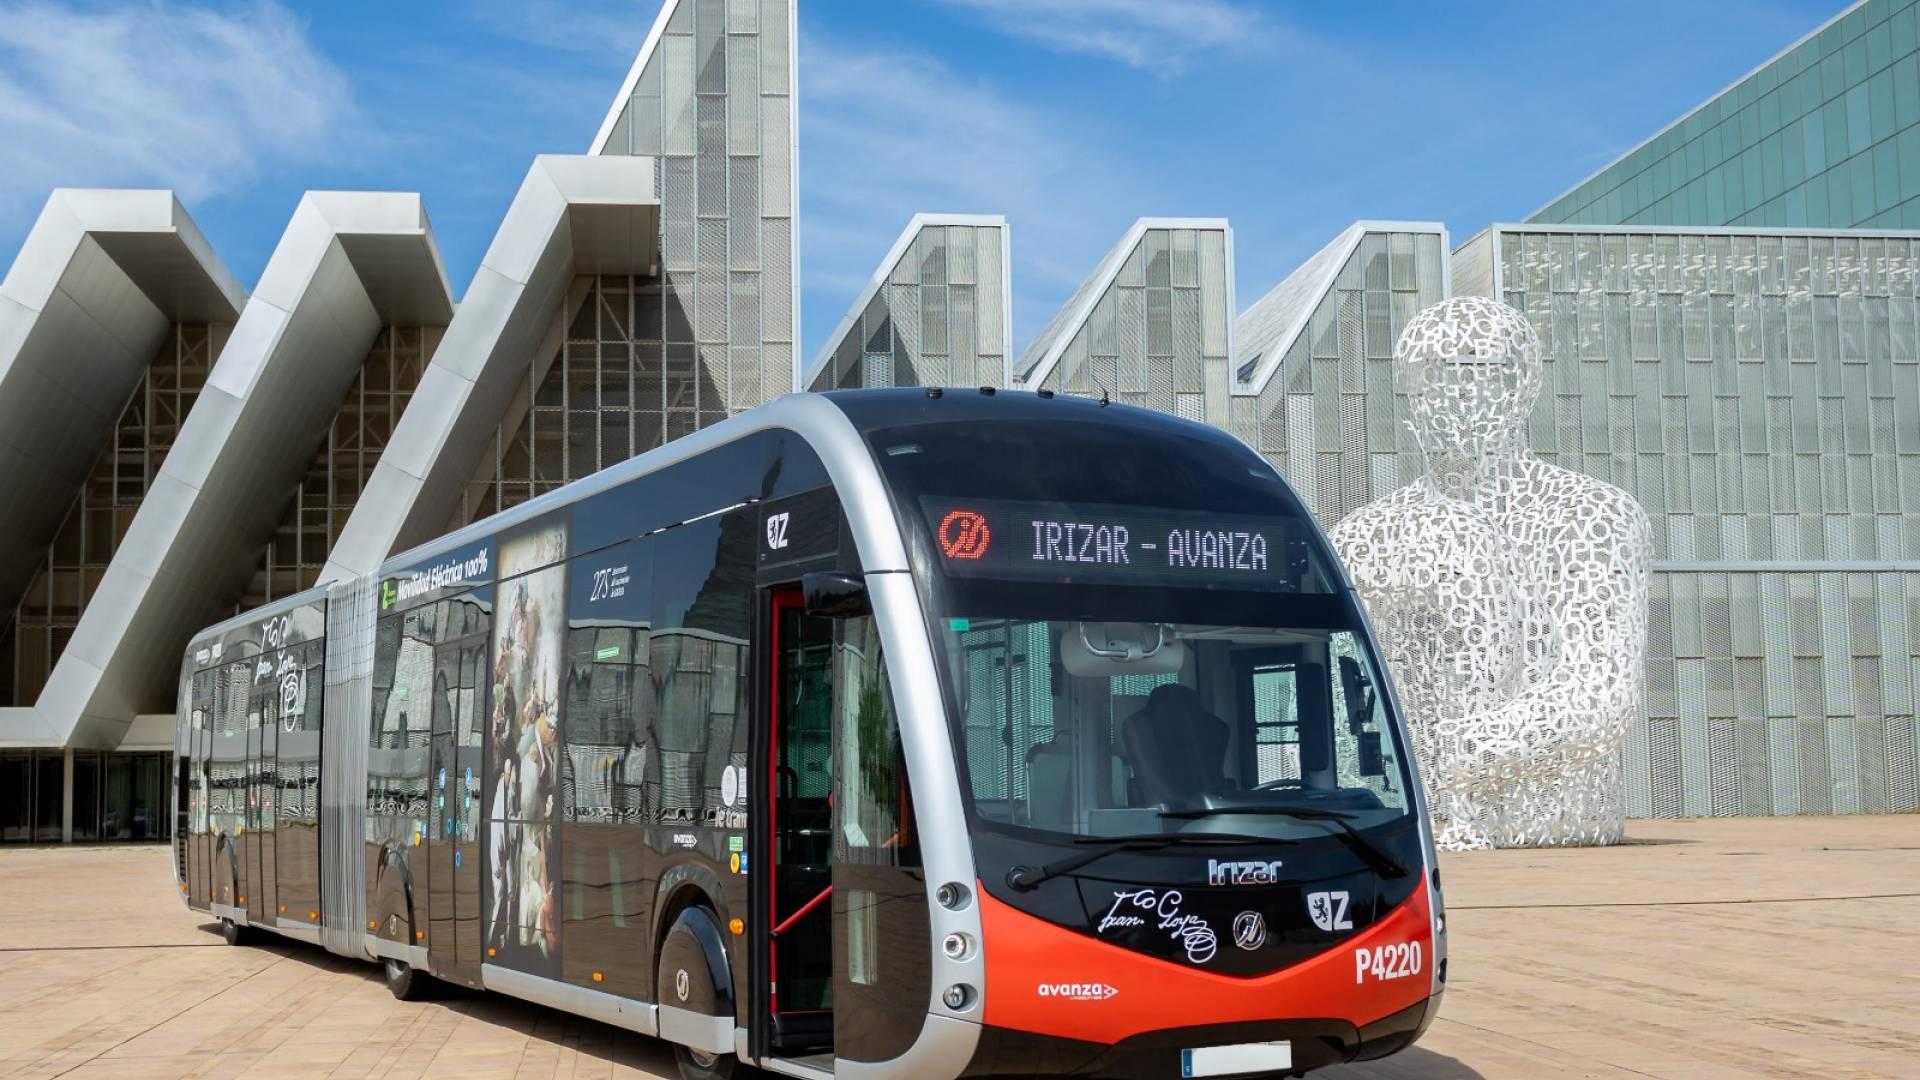 El Ayuntamiento de Zaragoza y Avanza apuestan por autobuses eléctricos de Irizar e-mobility para la renovación de su flota